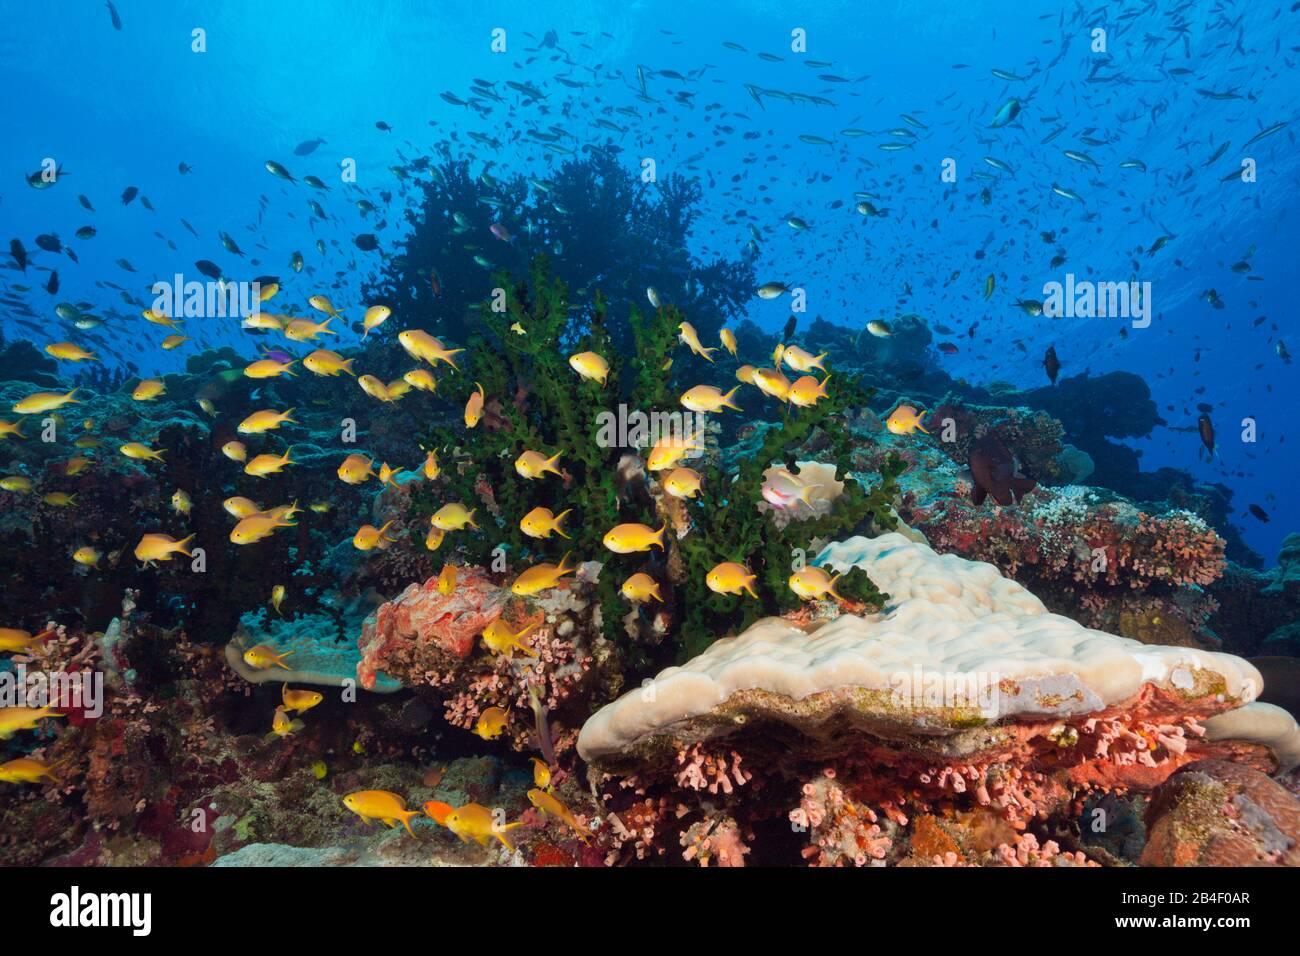 Arrecifes de coral ricos en especies, Tufi Mar, Islas Salomón, Papua Nueva Guinea Foto de stock